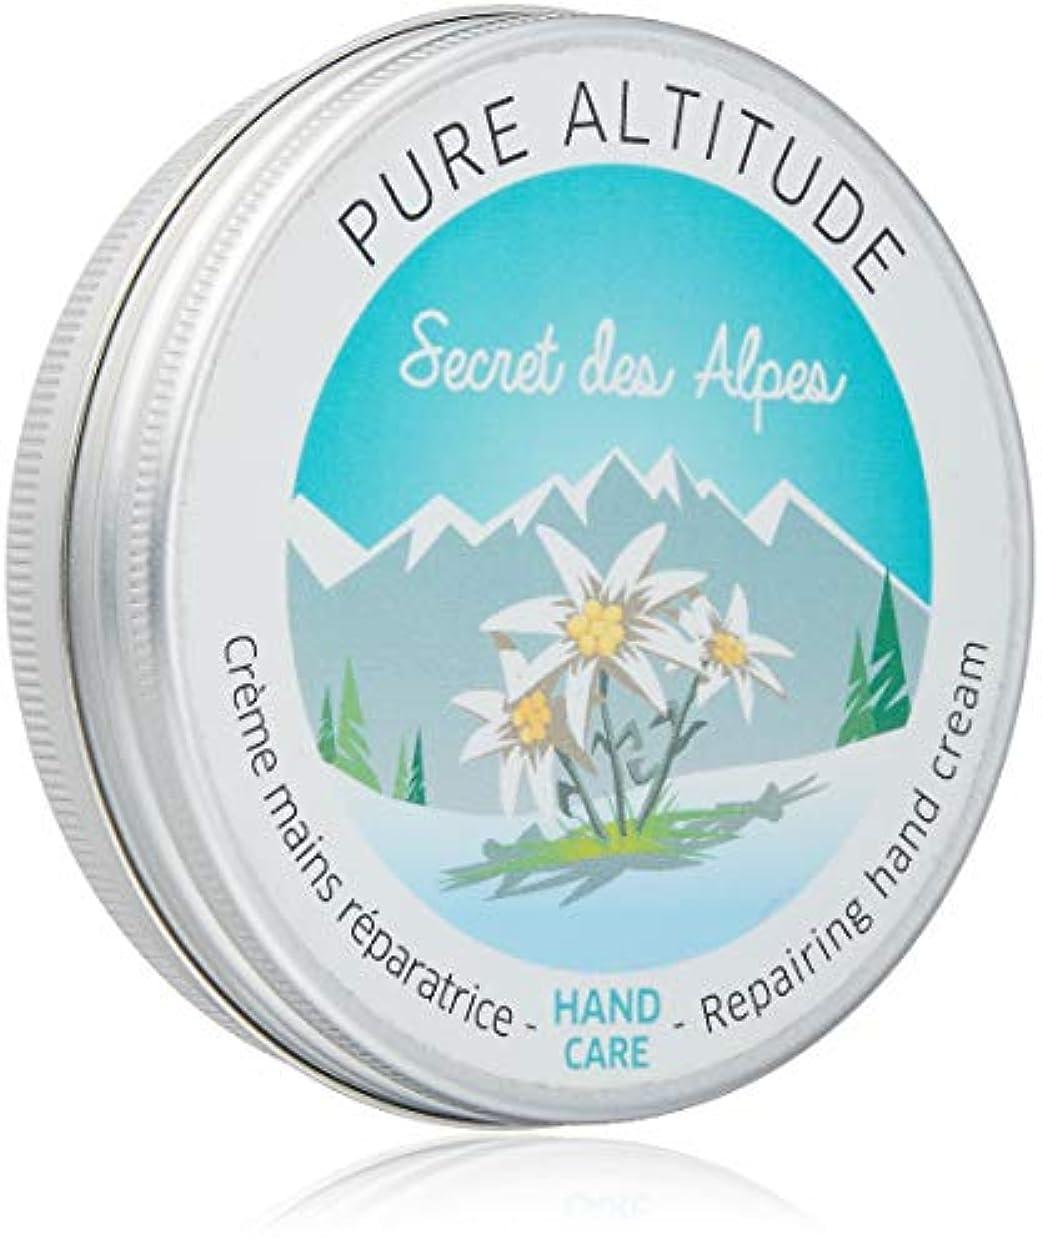 世代の用量Pure(ピュール) スクレ アルプ/ハンドクリーム